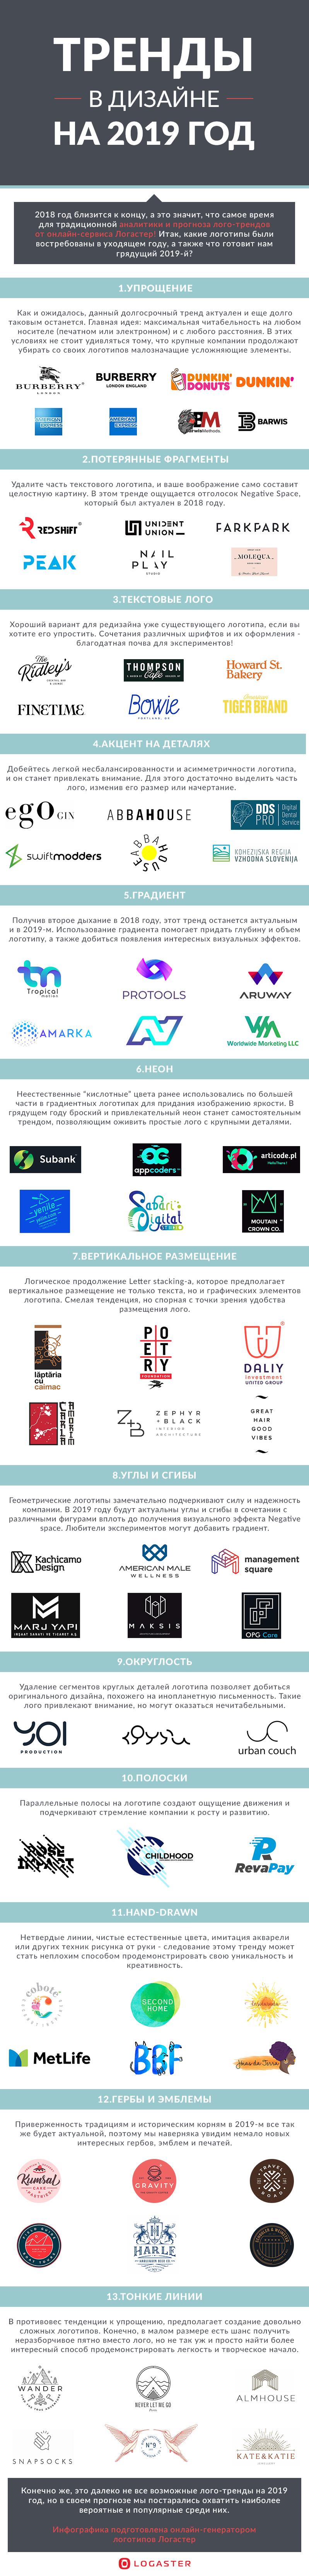 инфографика тренды в дизайне лого 2019